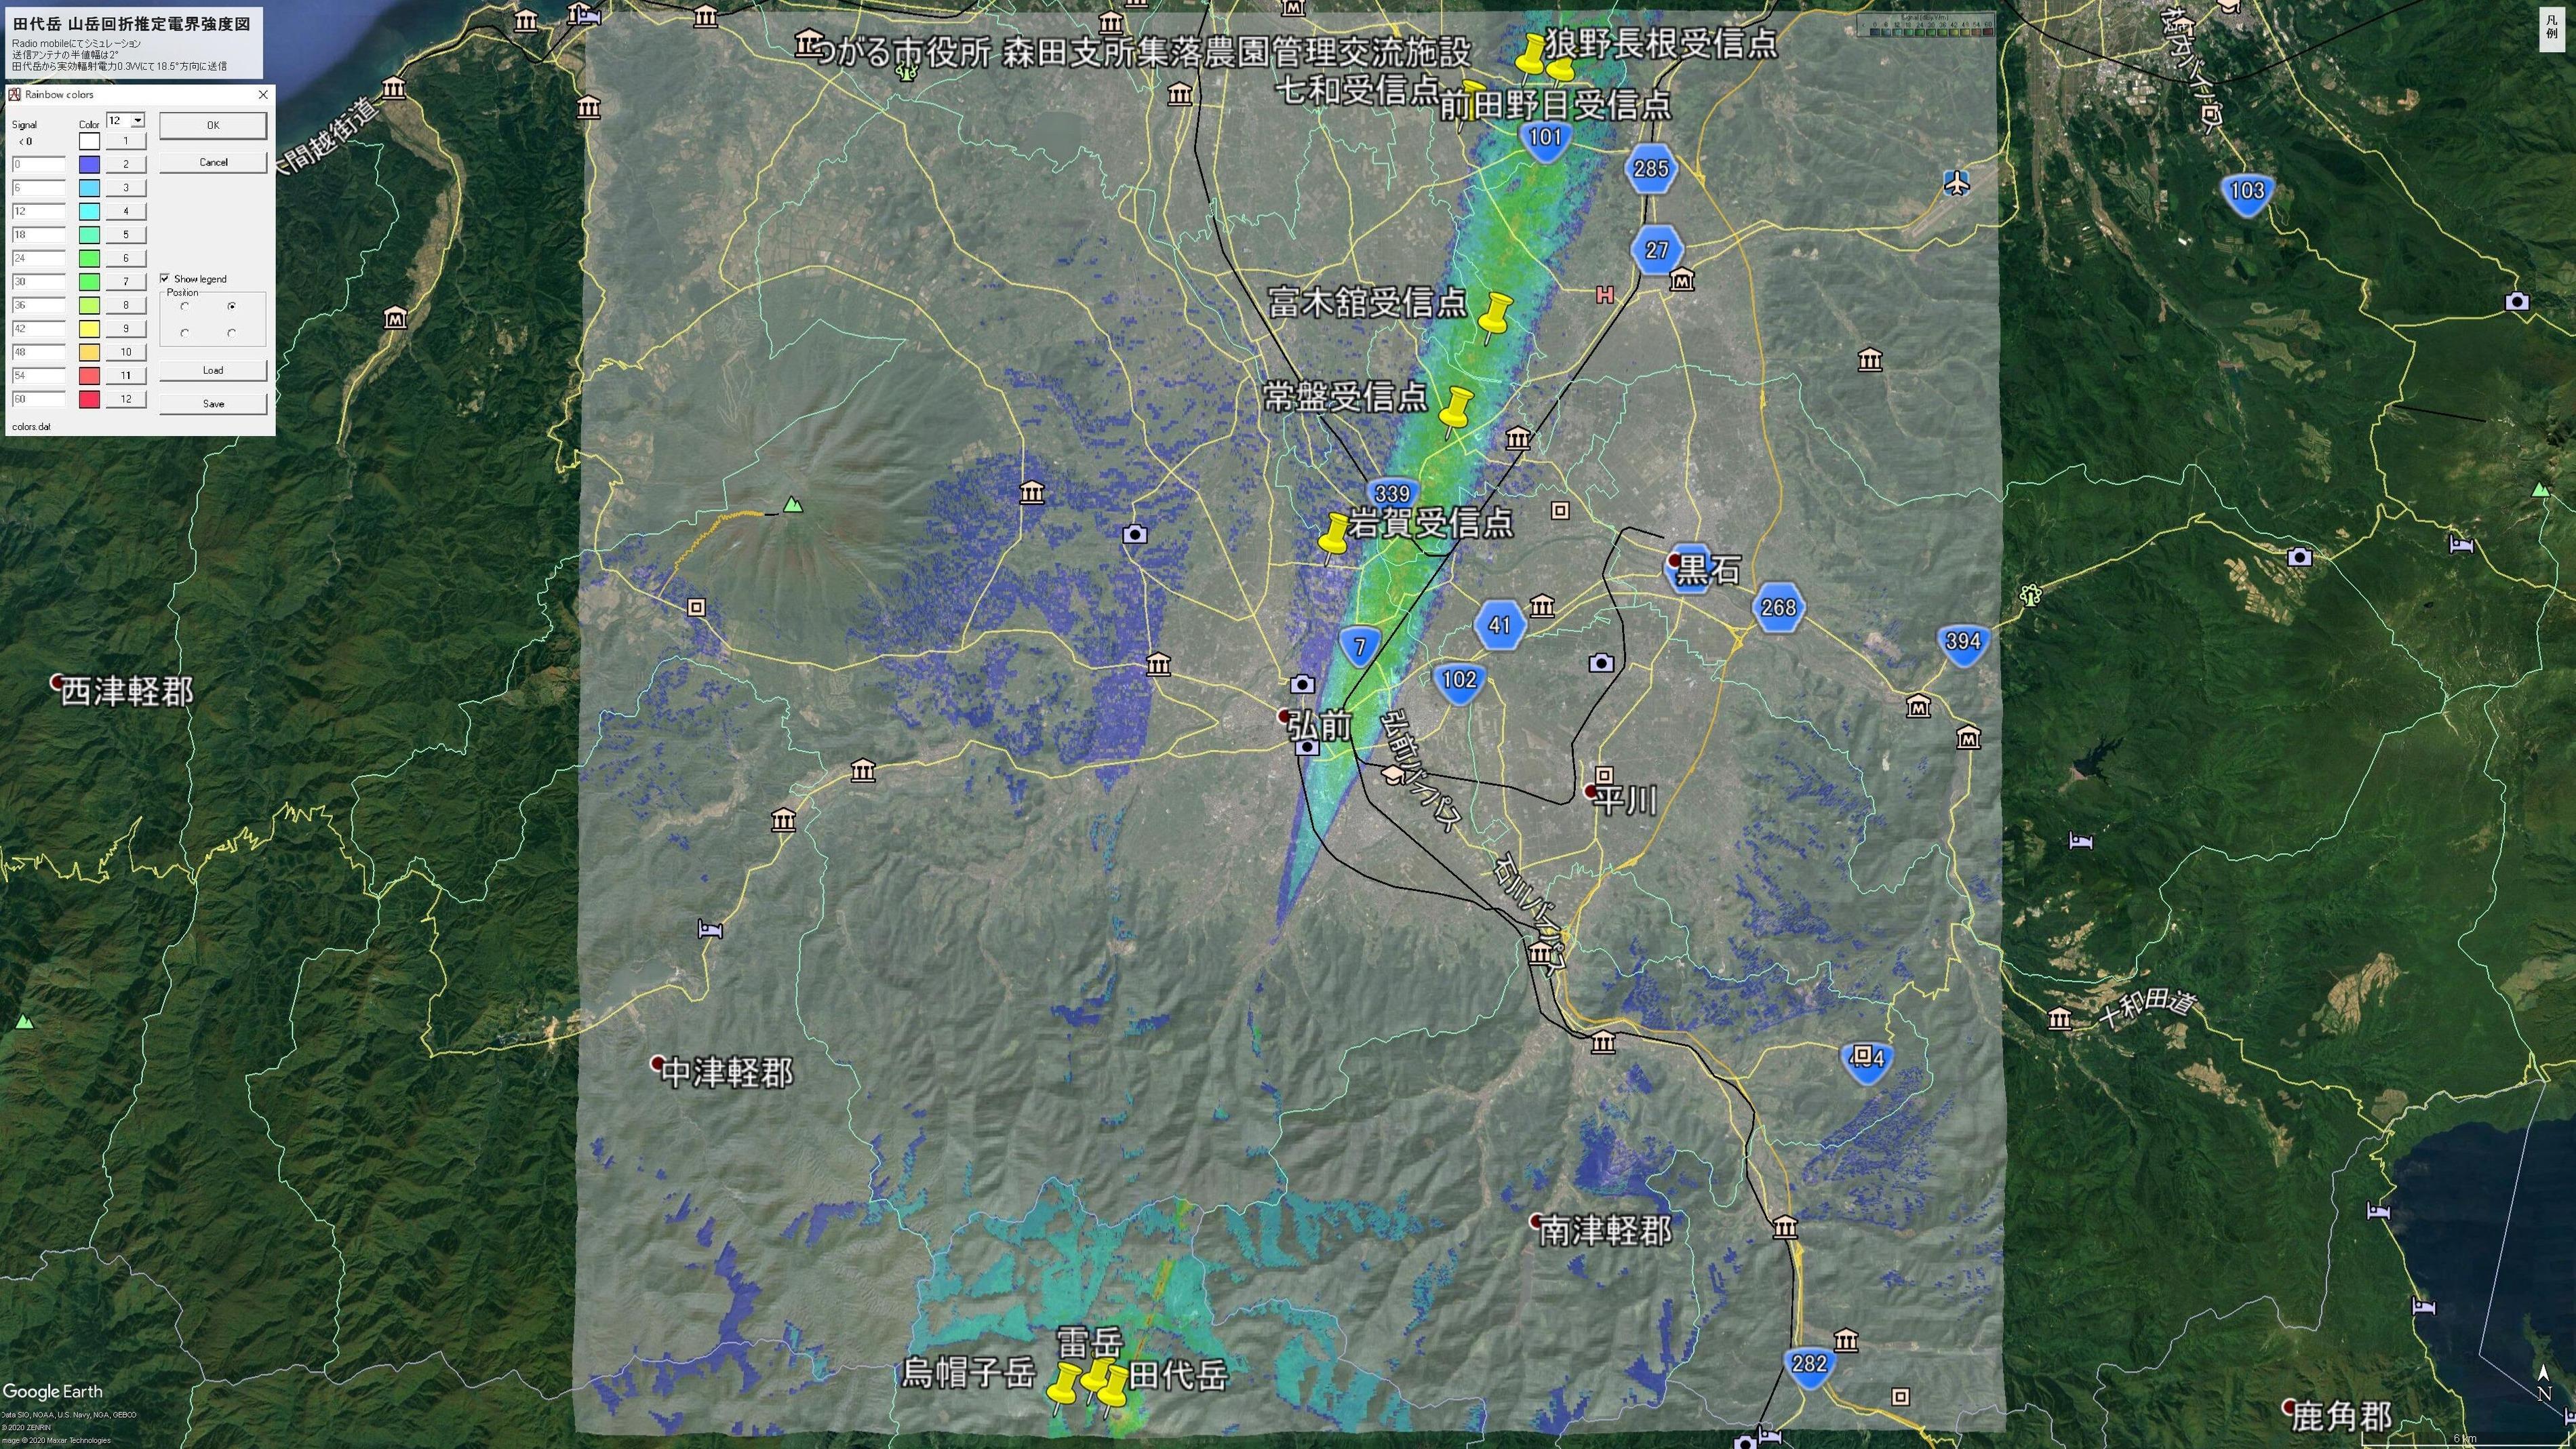 田代岳 山岳回折推定電界強度